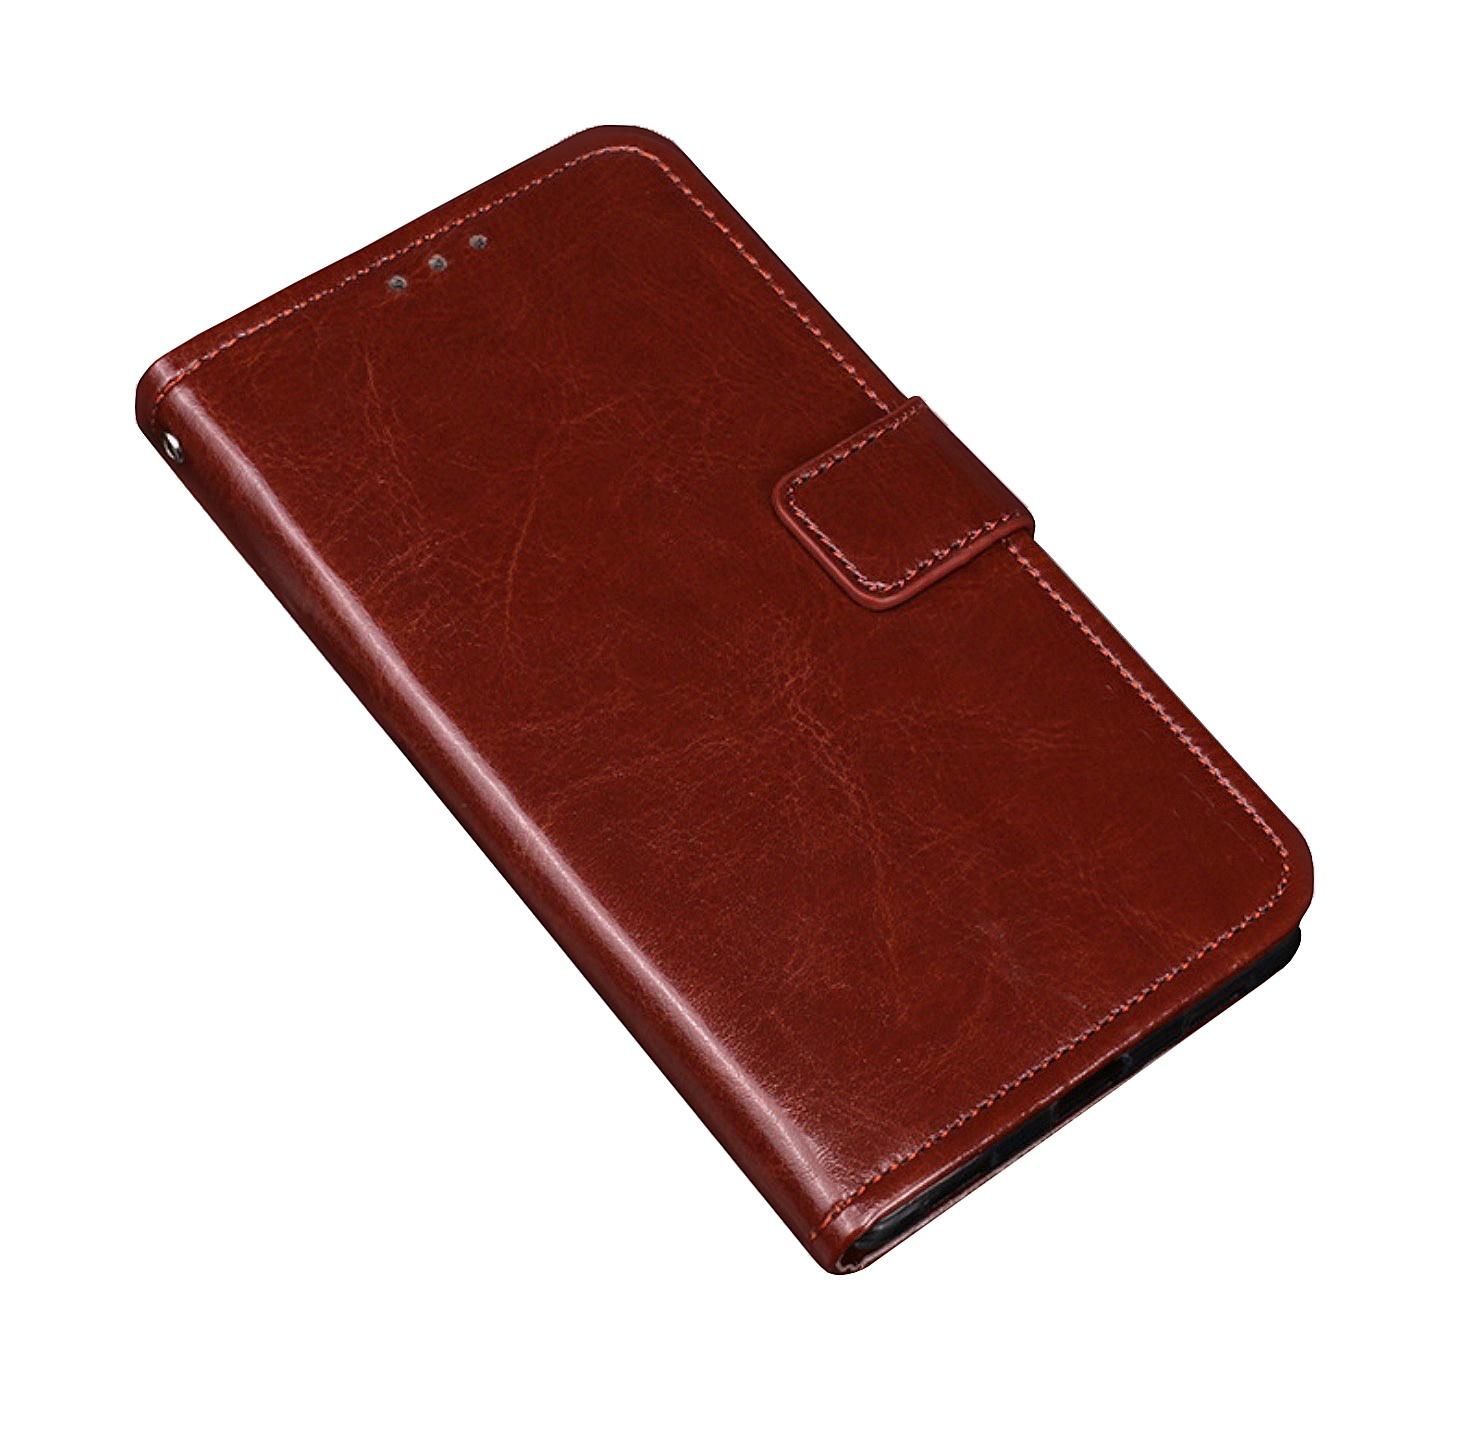 Чехол-книжка MyPads для Google Pixel/HTC Google Nexus 2016/ HTC Nexus S1 с мульти-подставкой застёжкой и визитницей коричневый чехол для для мобильных телефонов kbc 1 lg google nexus 5 e980 108